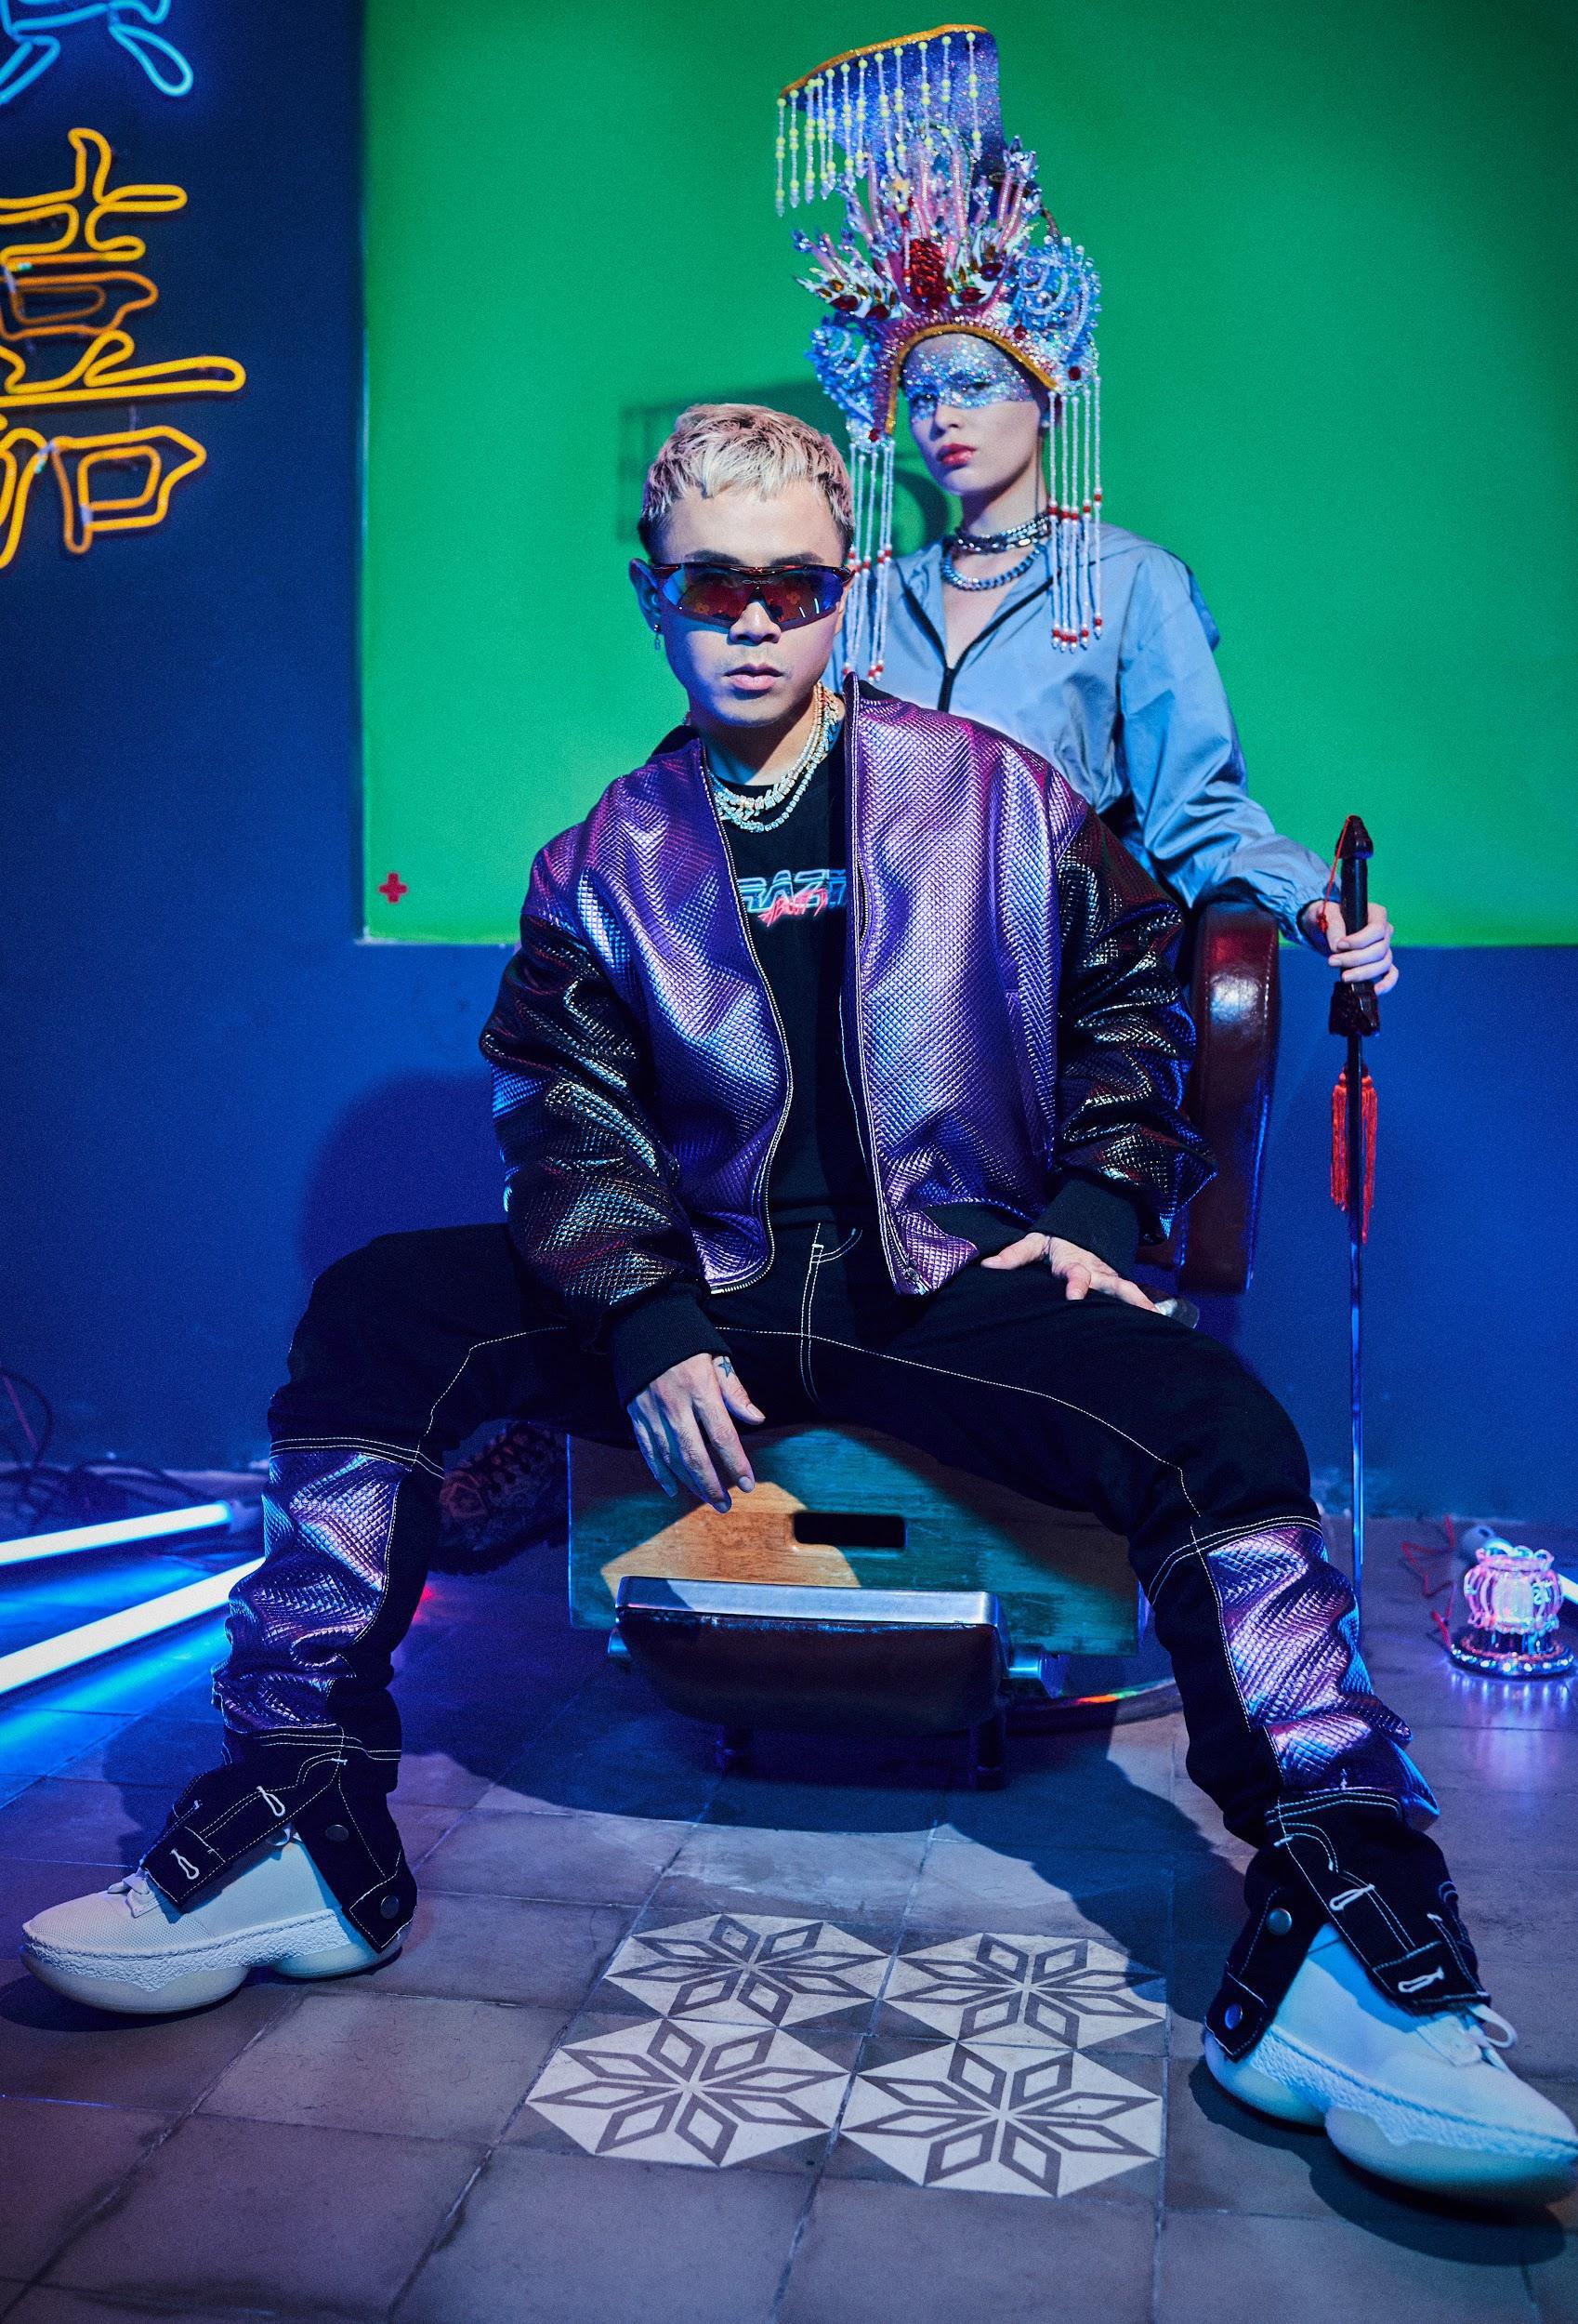 """Binz """"chơi lớn"""" cuối năm, ra mắt BST thời trang underground """"chất chơi"""" dành cho giới trẻ - Ảnh 3."""